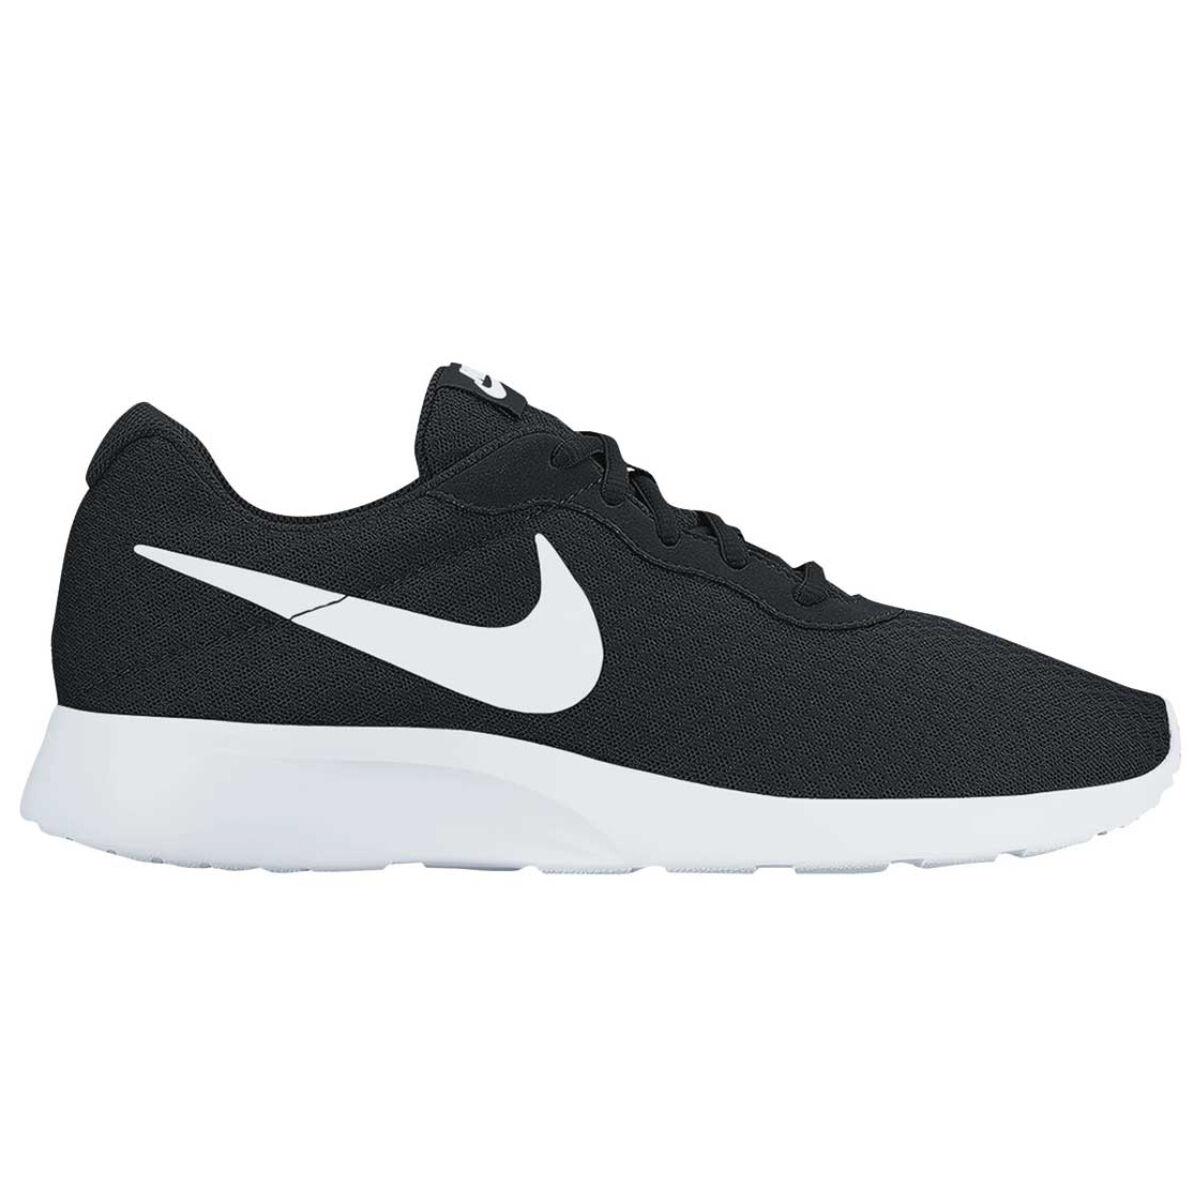 Nike Tanjun Mens Casual Shoes Black